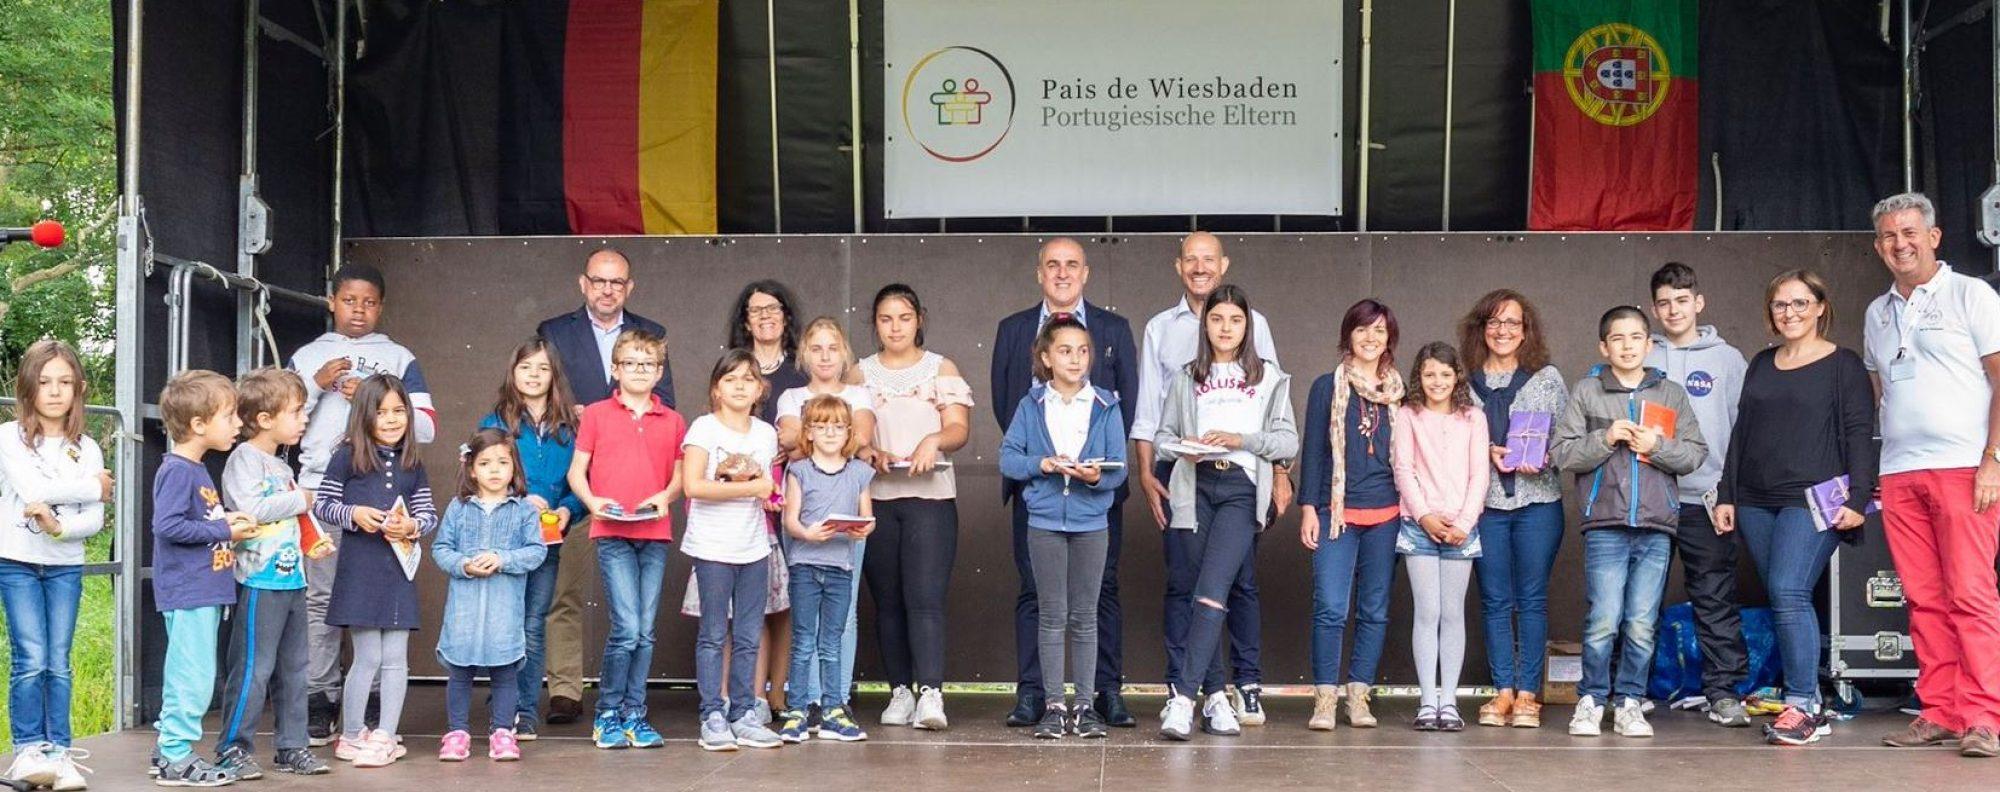 Pais de Wiesbaden